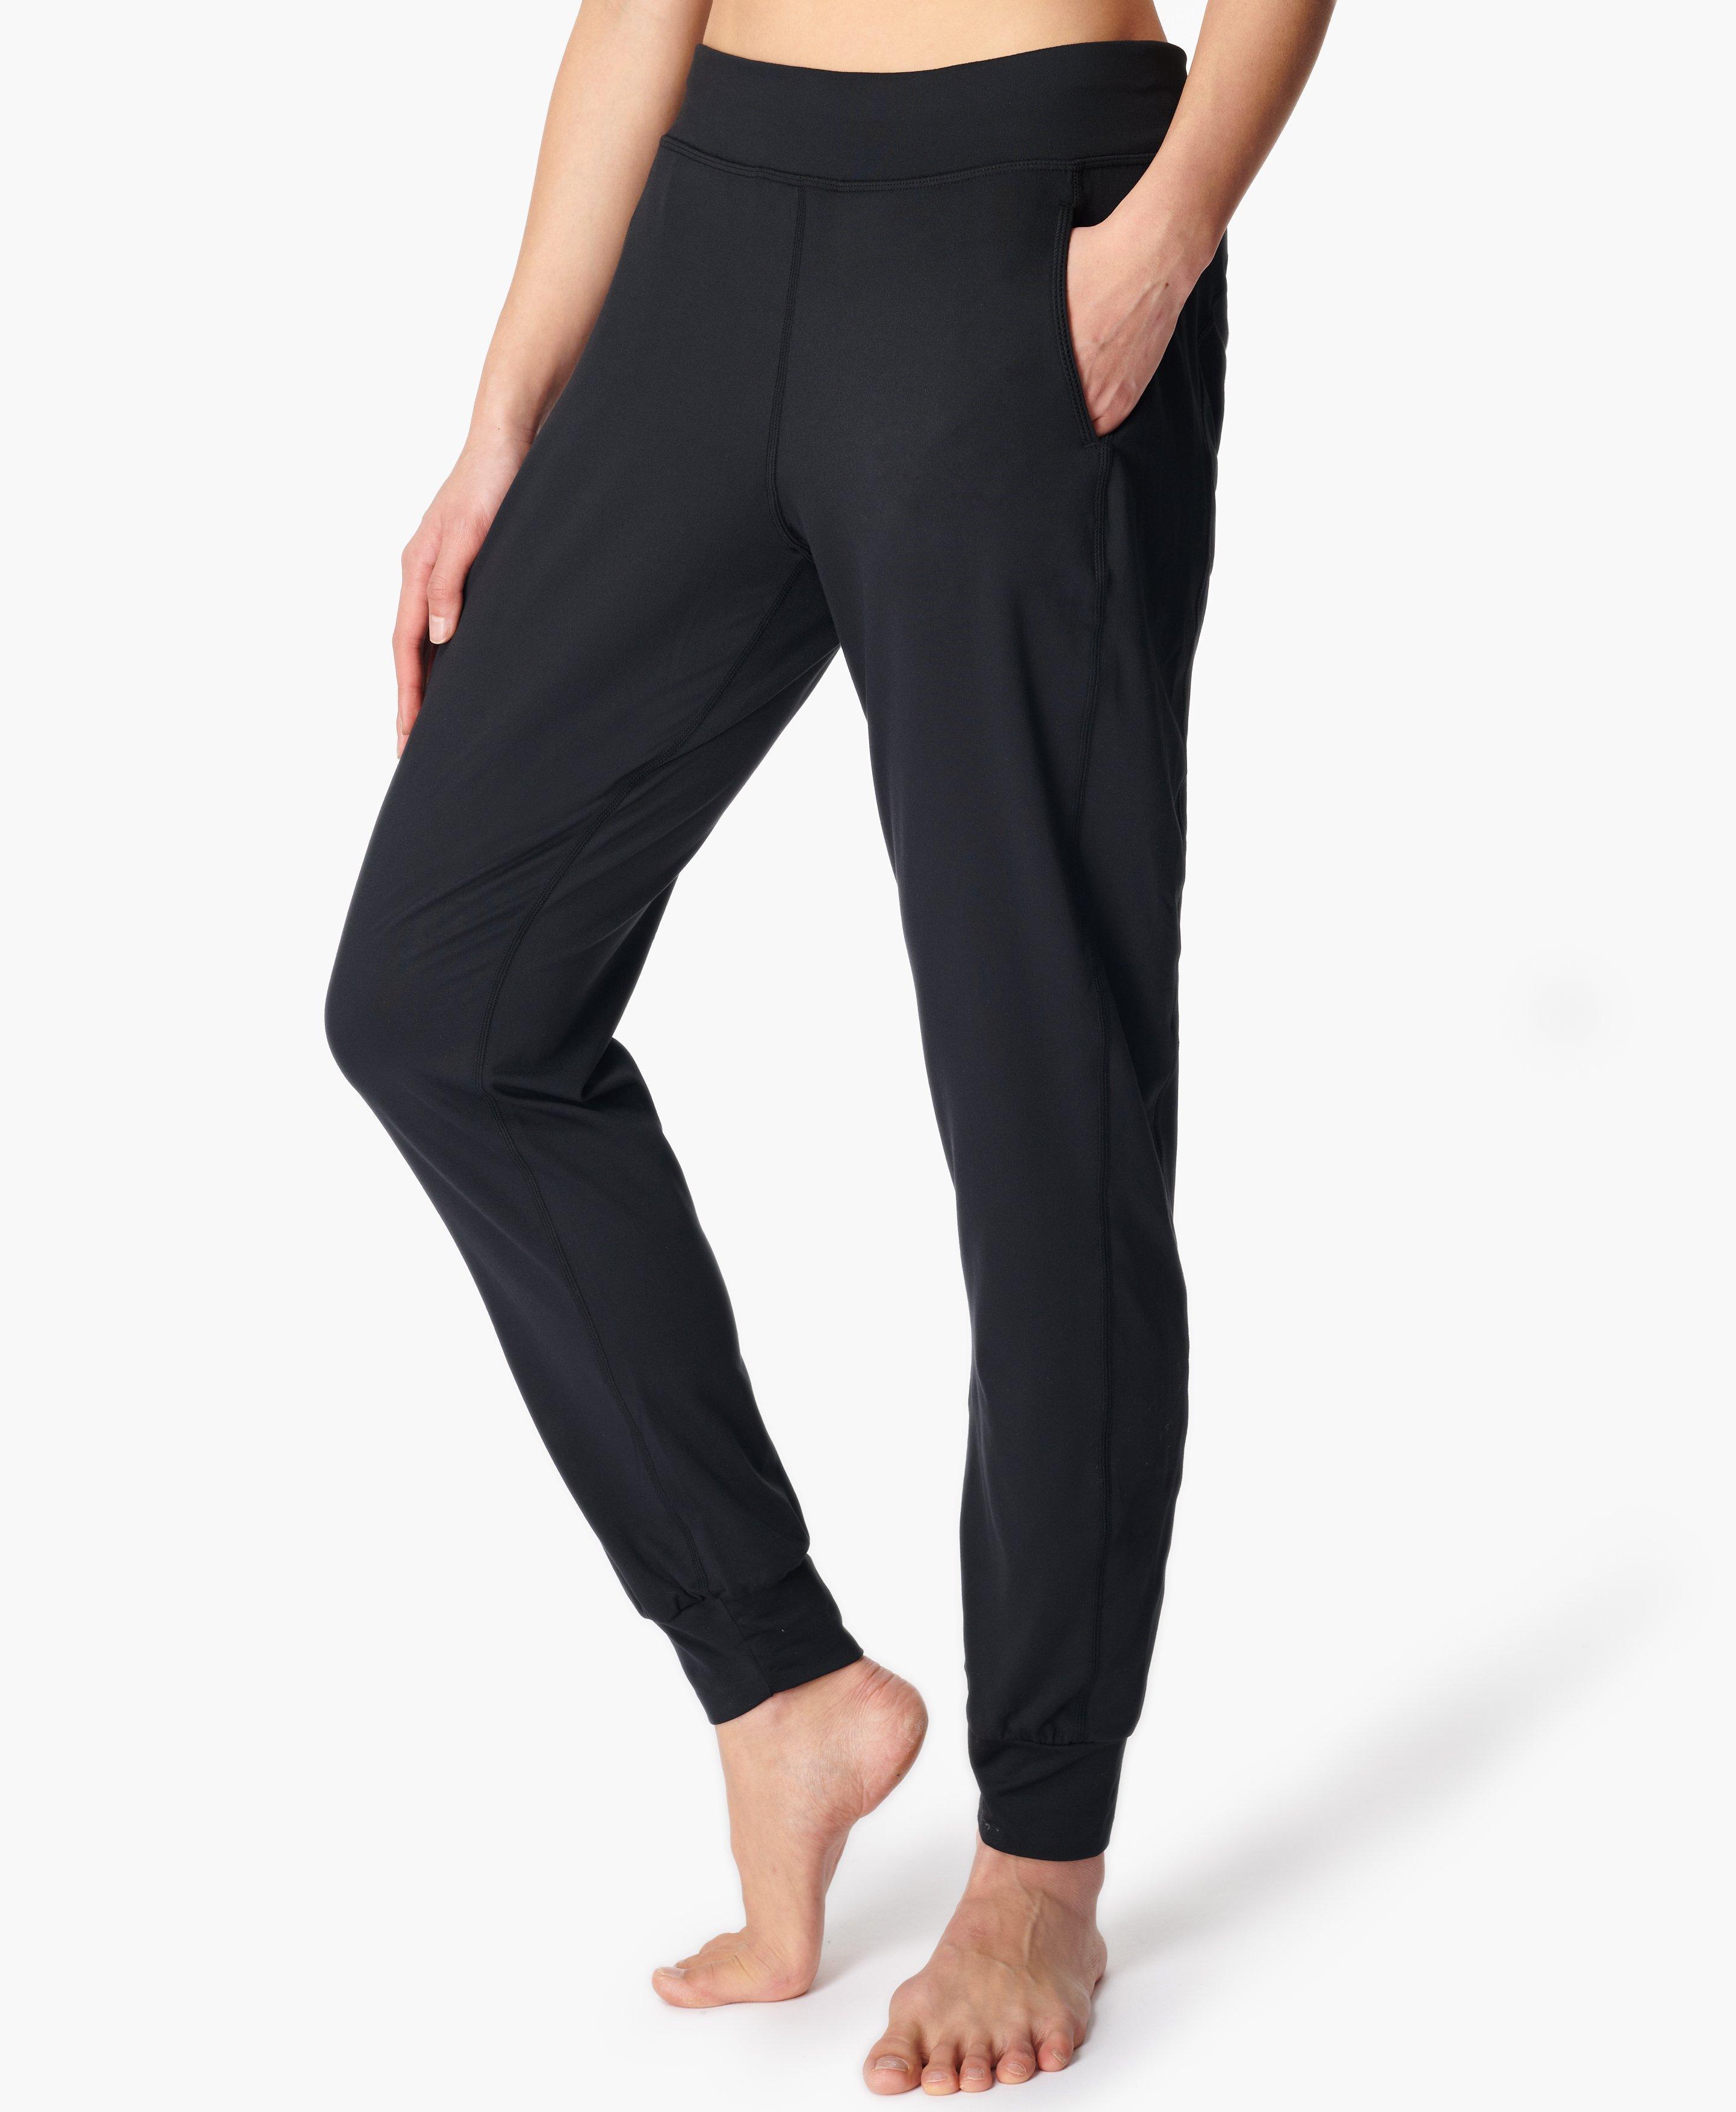 Solid Black Cuffed Yoga Pants